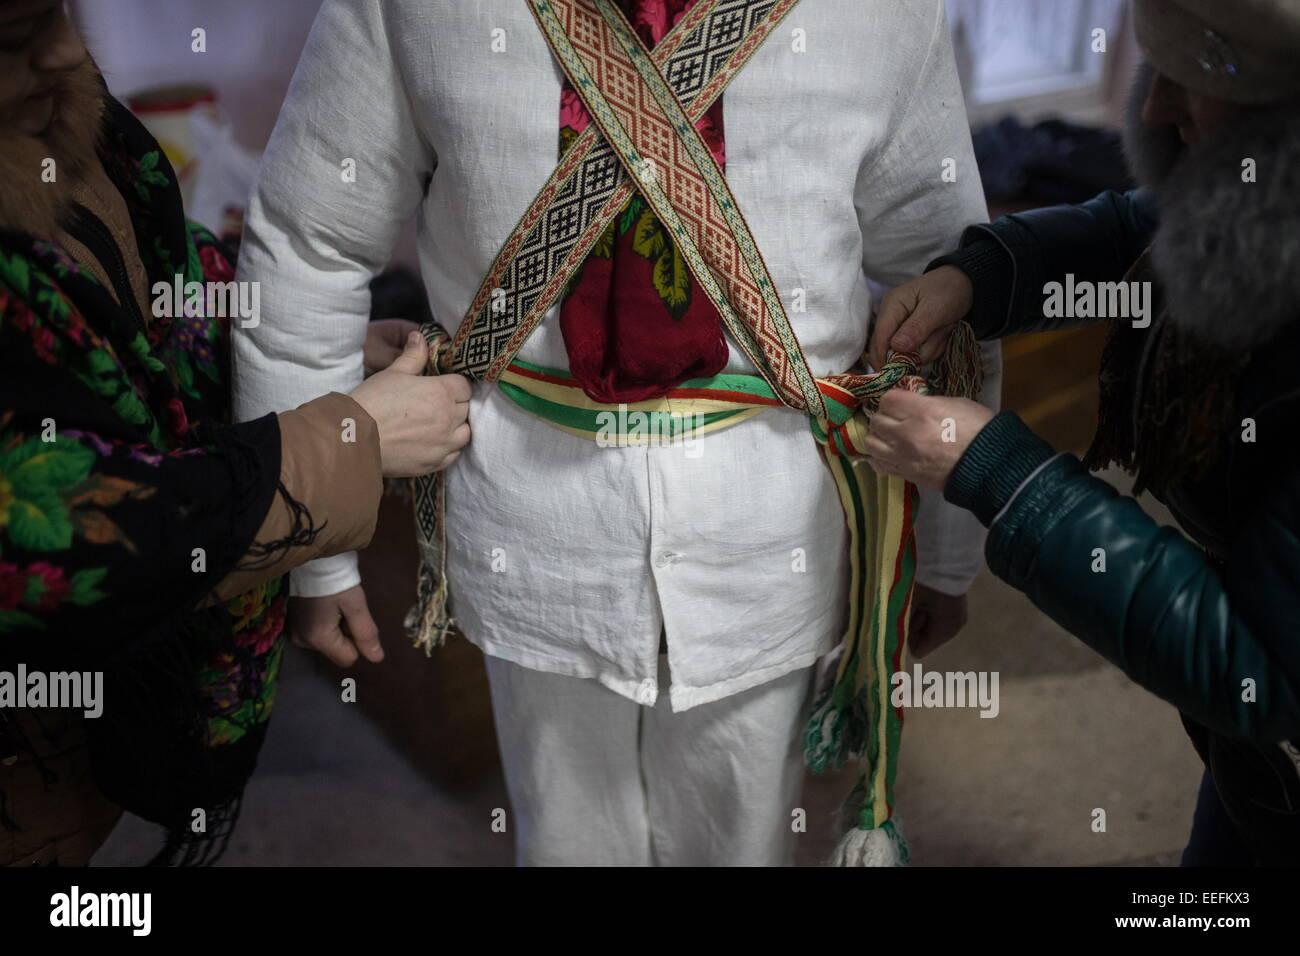 los vestirse tomar se 2015 ene evento llamado para 13 parte Kalyady Navidad para hombre celebrar zares El un en rito festivo el Año Un zares realiza IZ5Aq